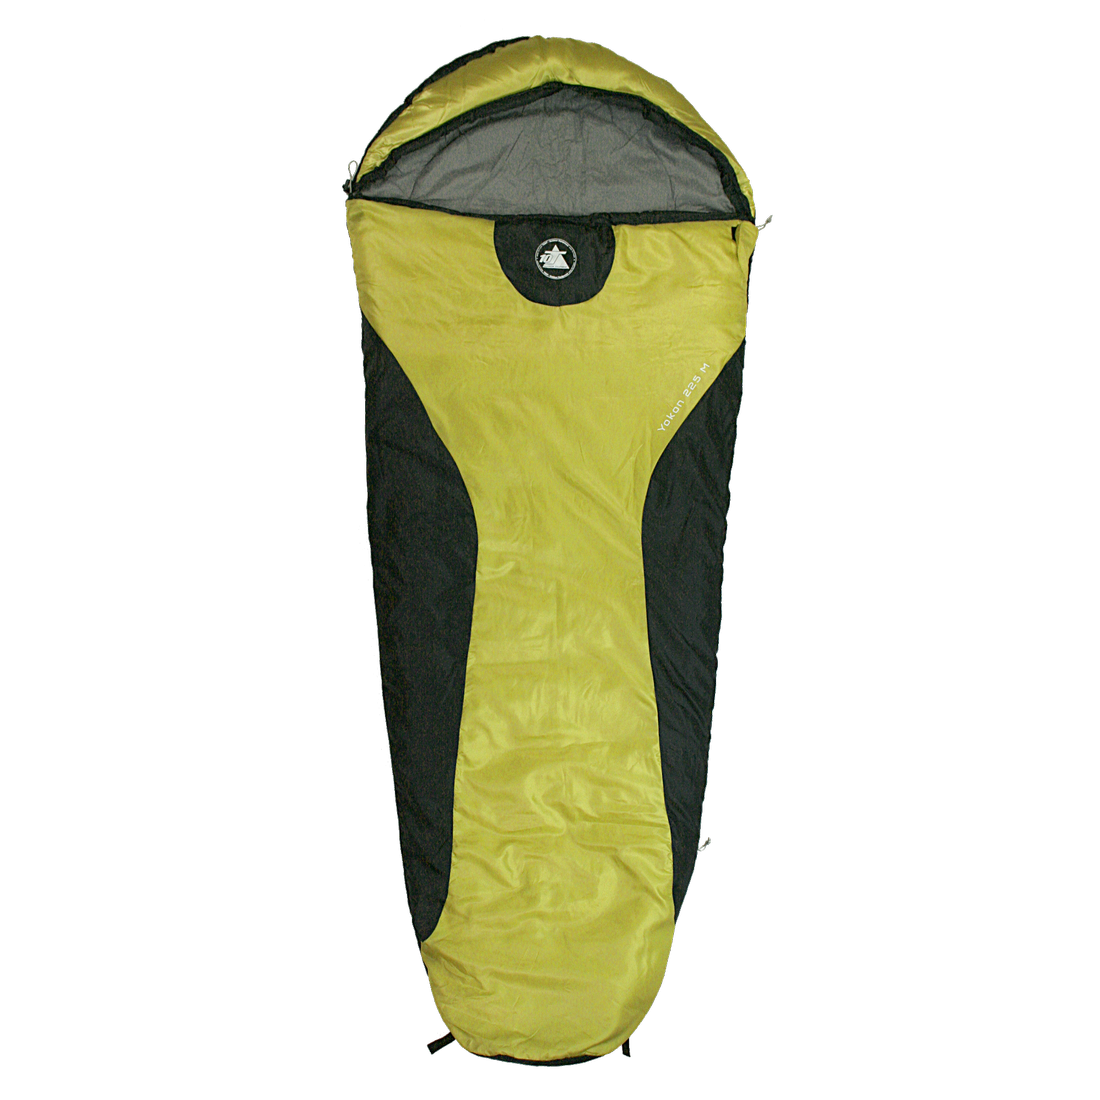 10t Outdoor Equipment Yukon 225m Image 1